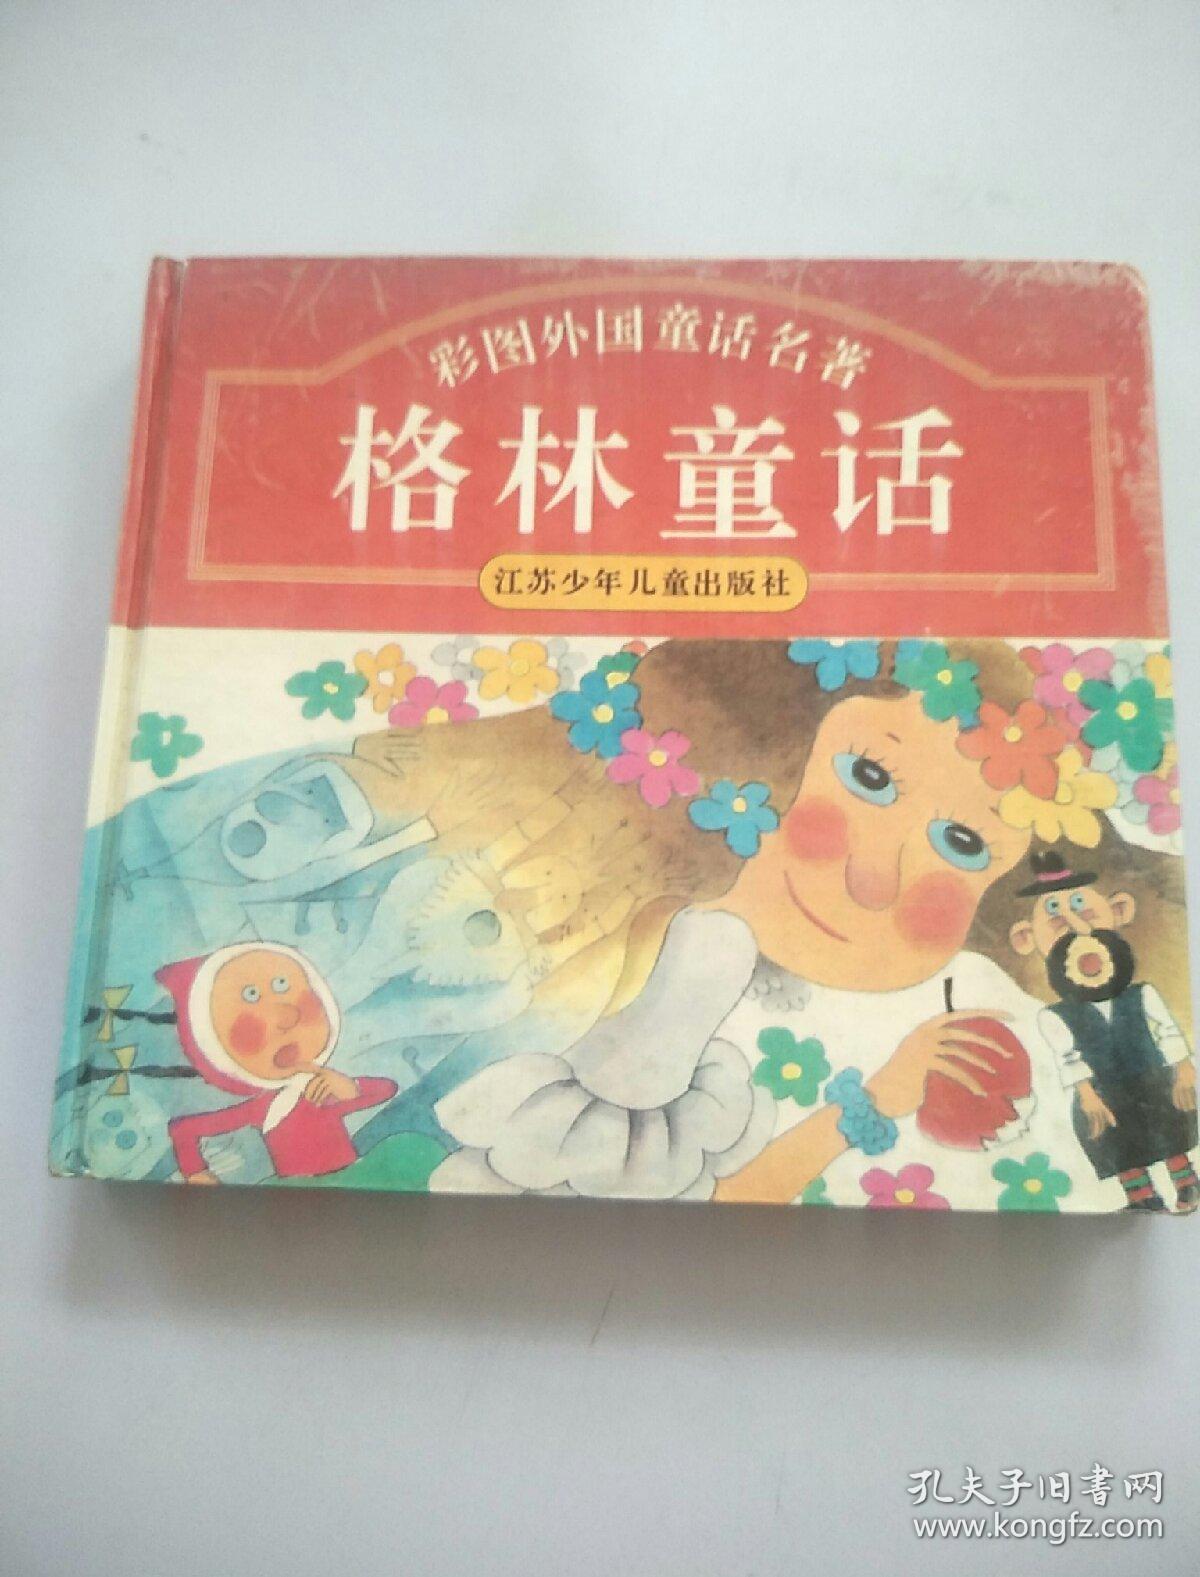 彩图外国童话名著 格林童话 江苏少年儿童出版社 精装图片